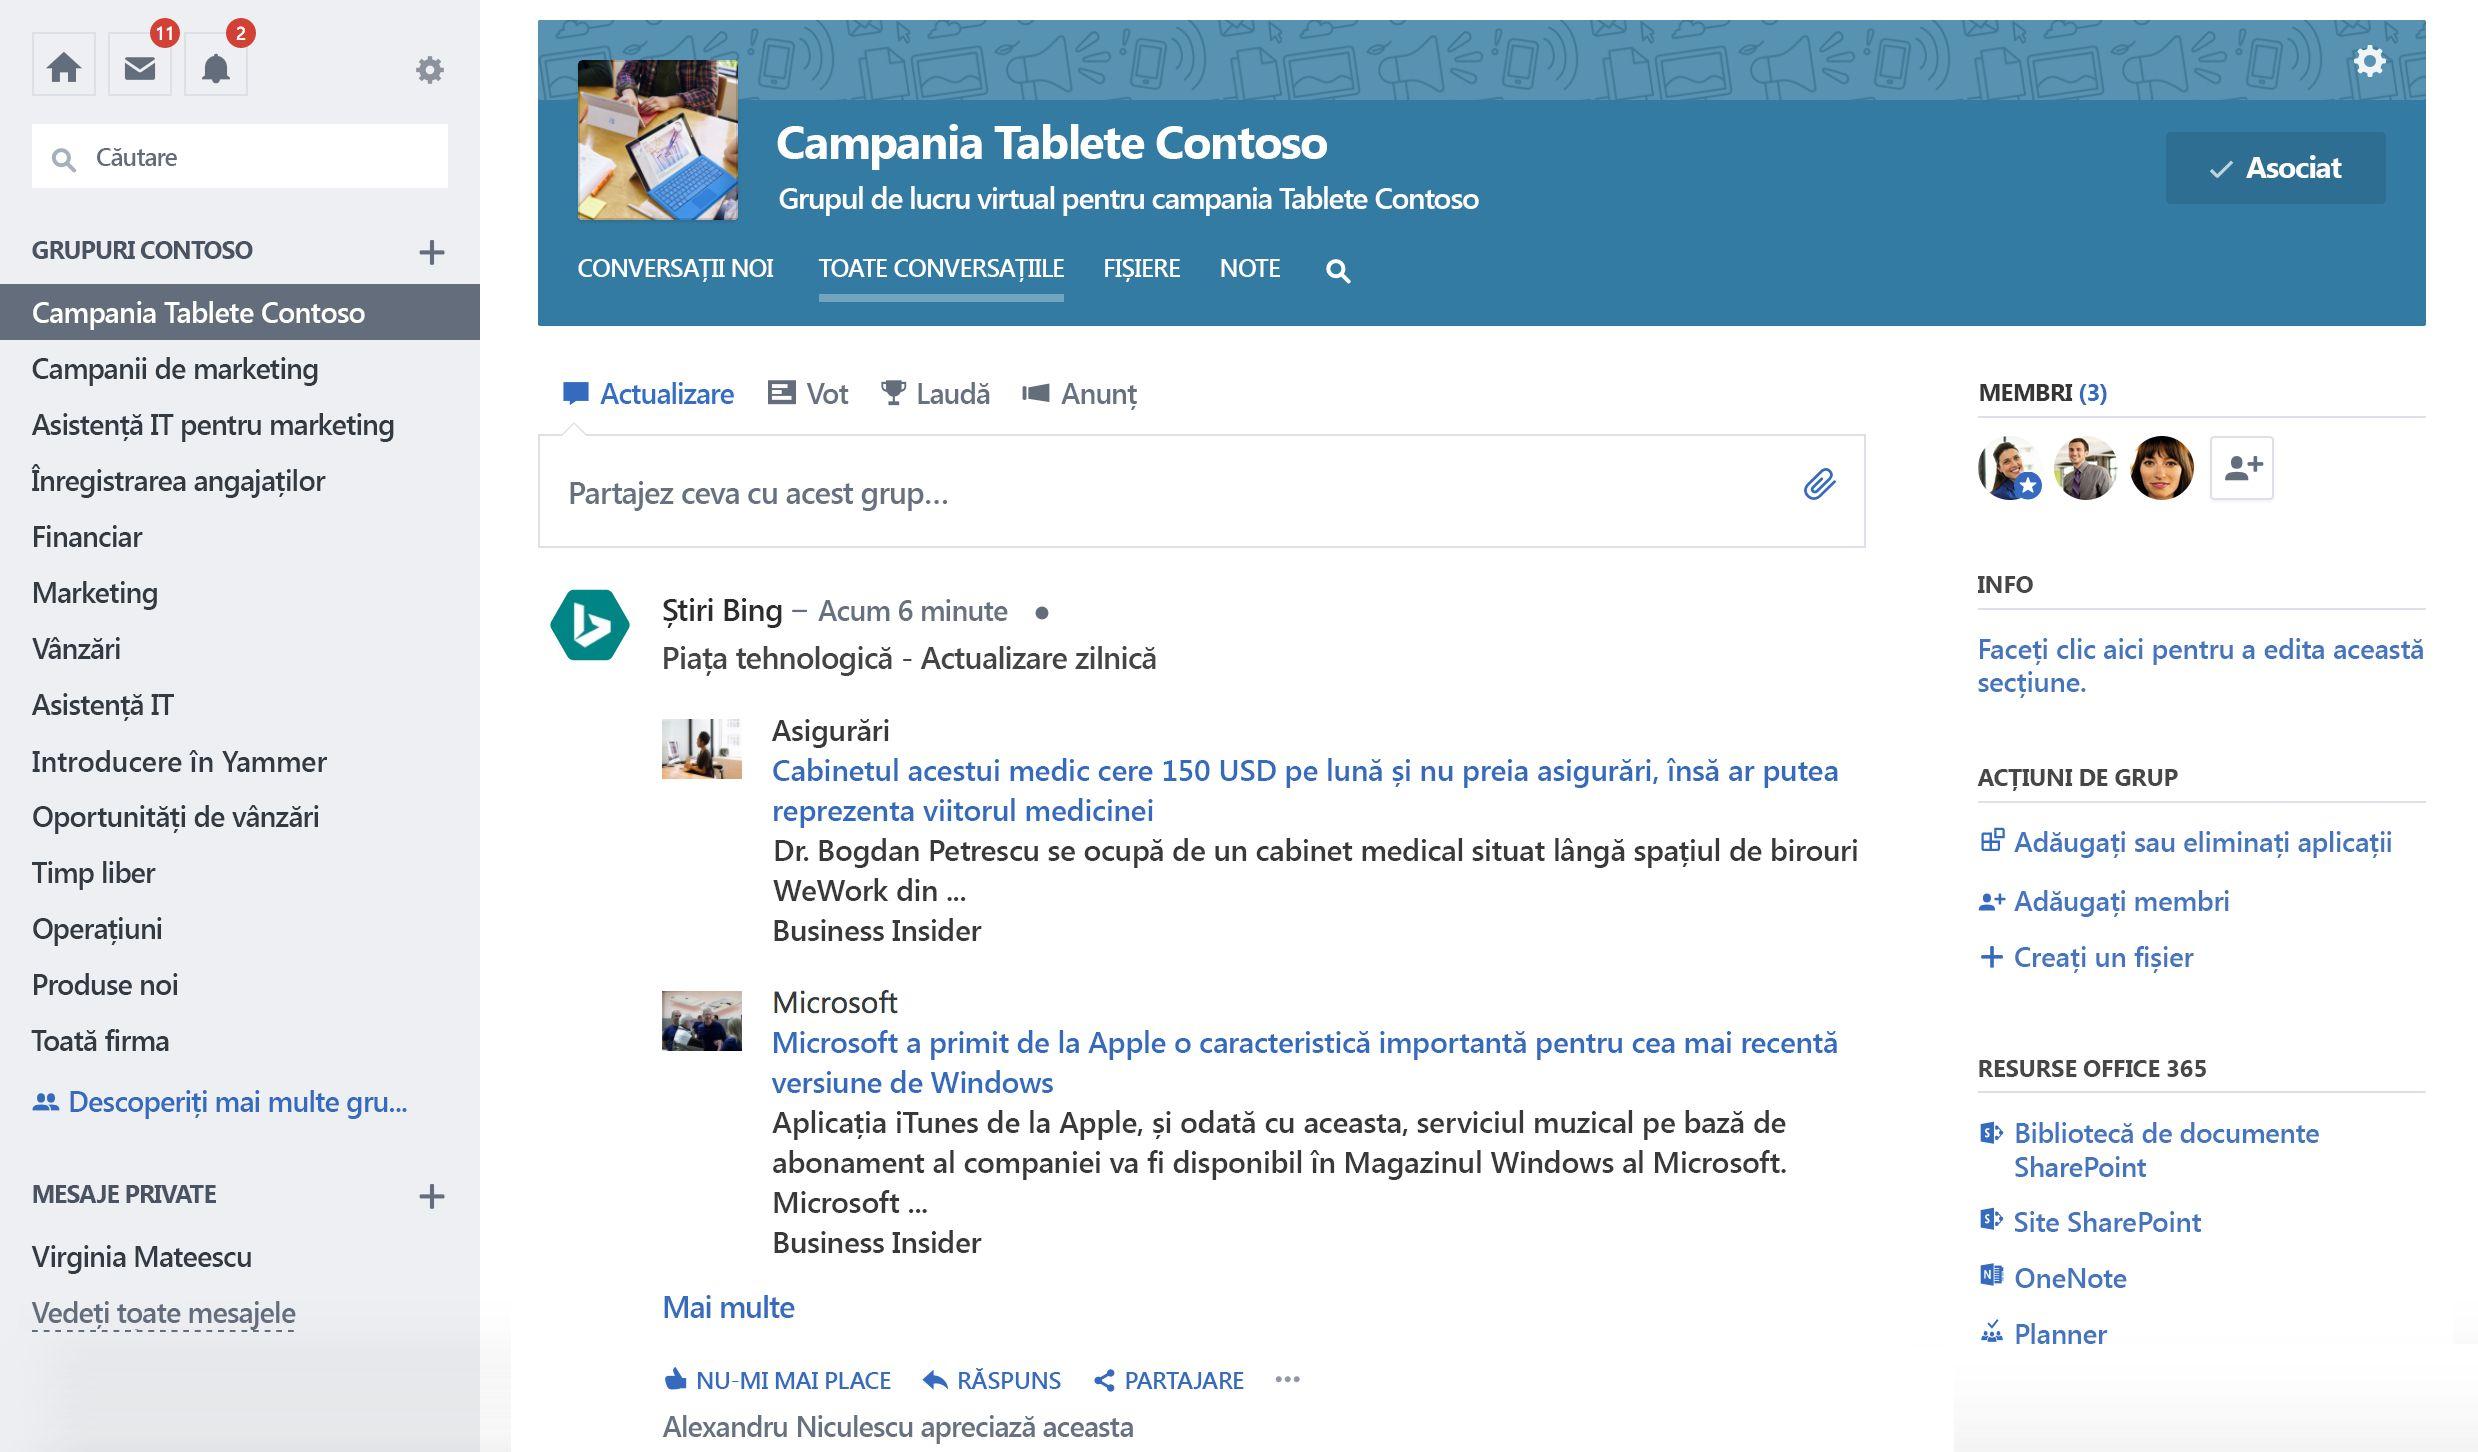 Captură de ecran a grupului actualizare dintr-un serviciu terț